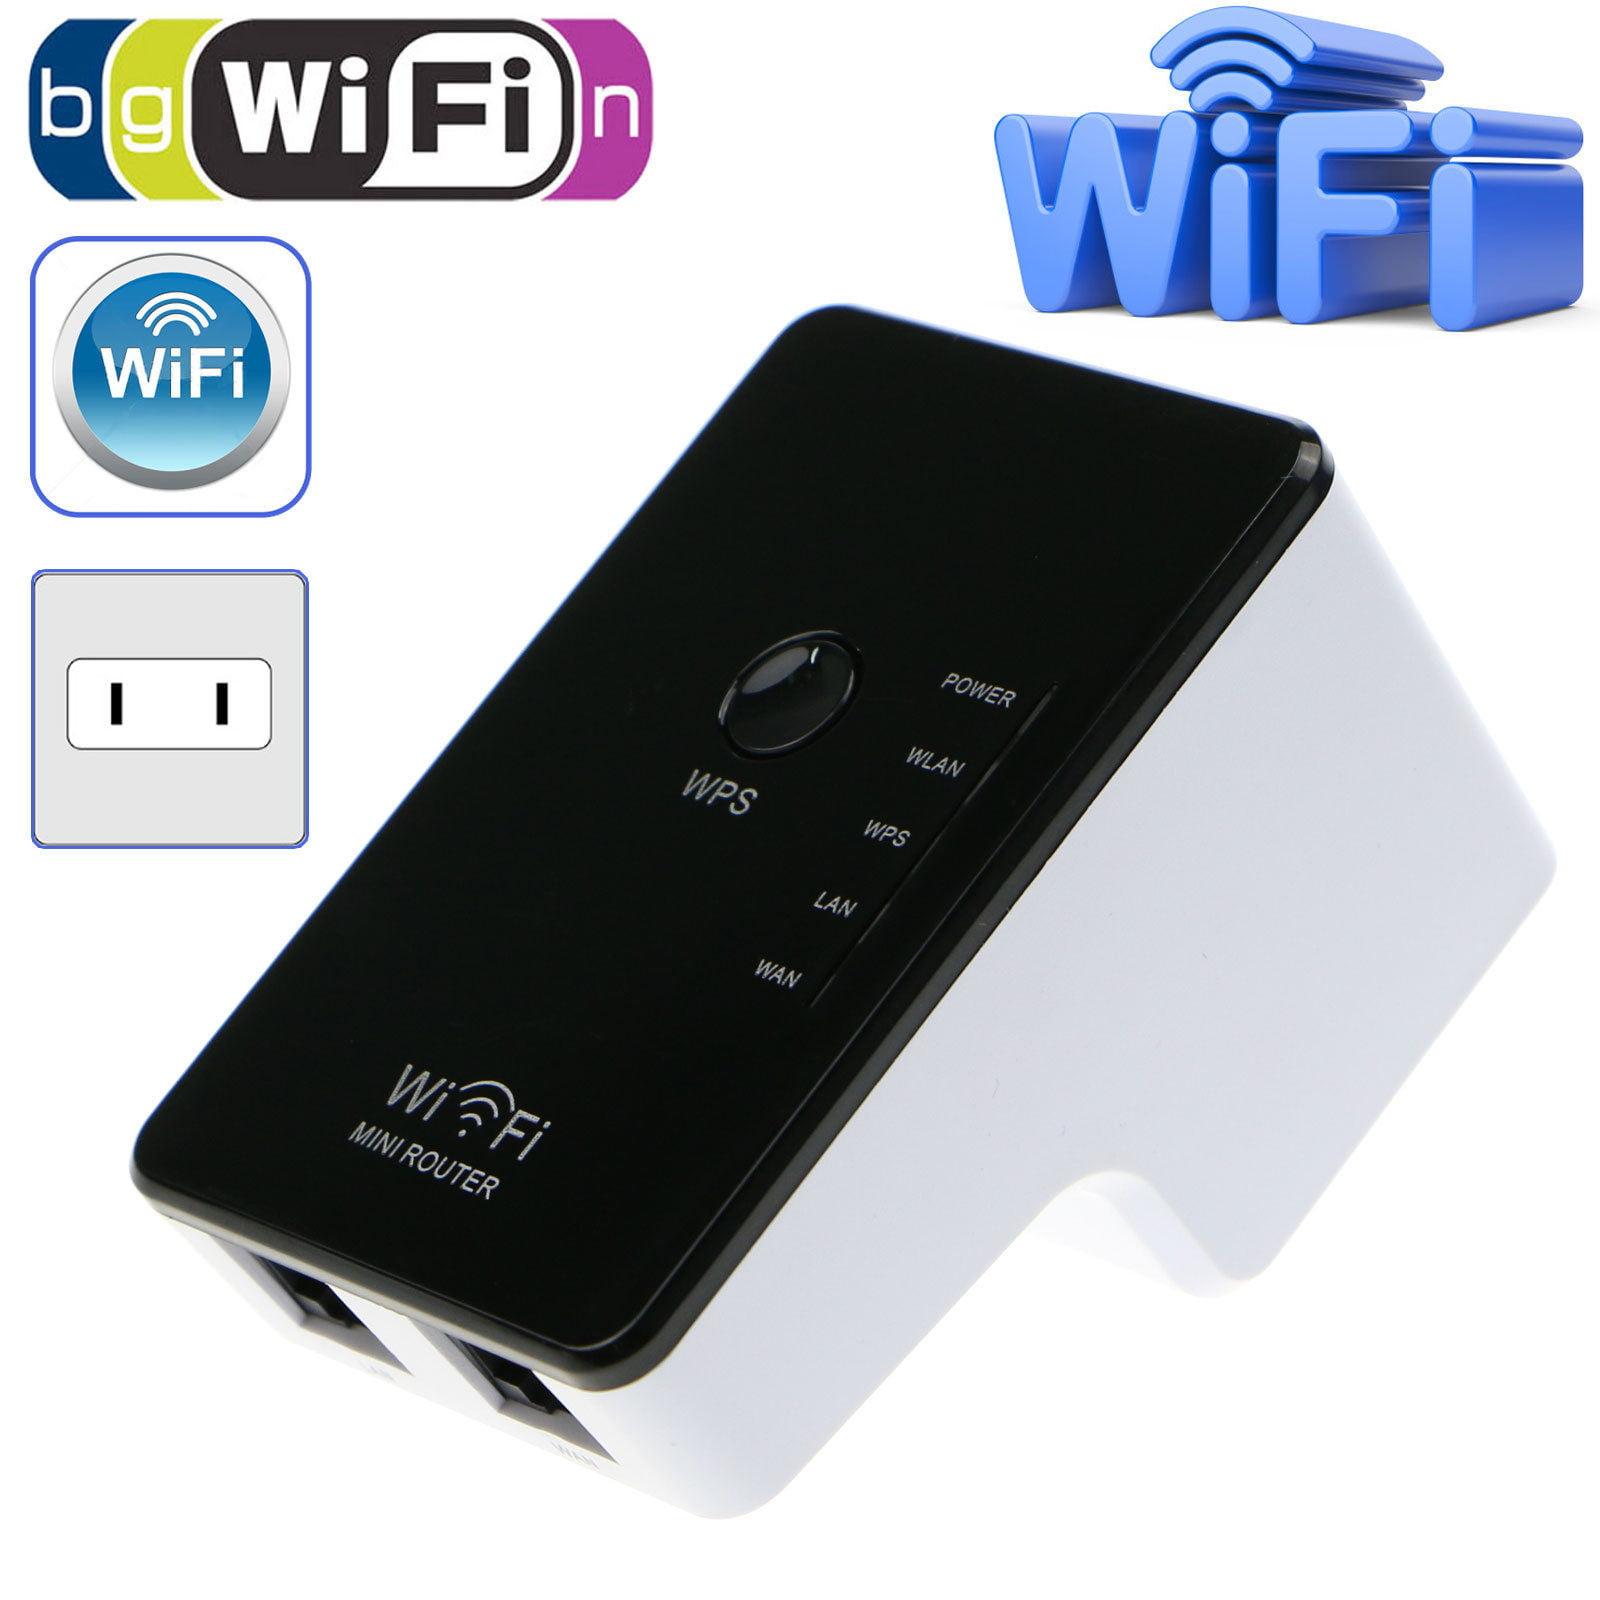 EEEKit 300Mbps Wireless-N Repeater AP Network Router WiFi Signal Range Extender Booster 802.11n g b US Plug by EEEKit